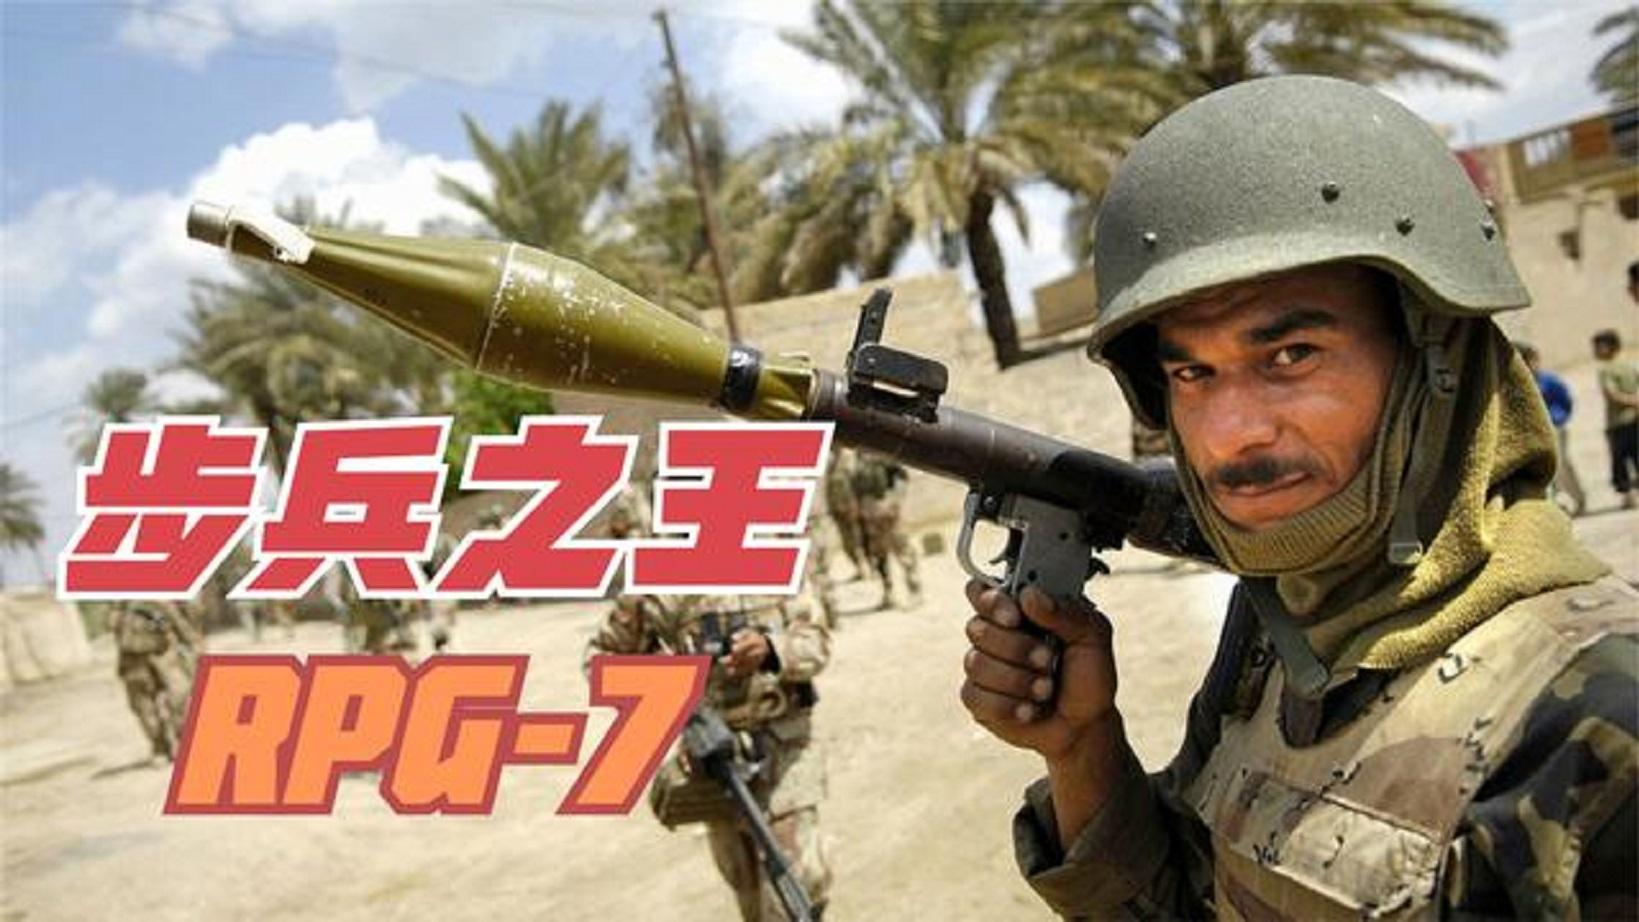 【讲堂575期】这可能是最全面的RPG-7火箭筒详解,简单易用,售价才200美元